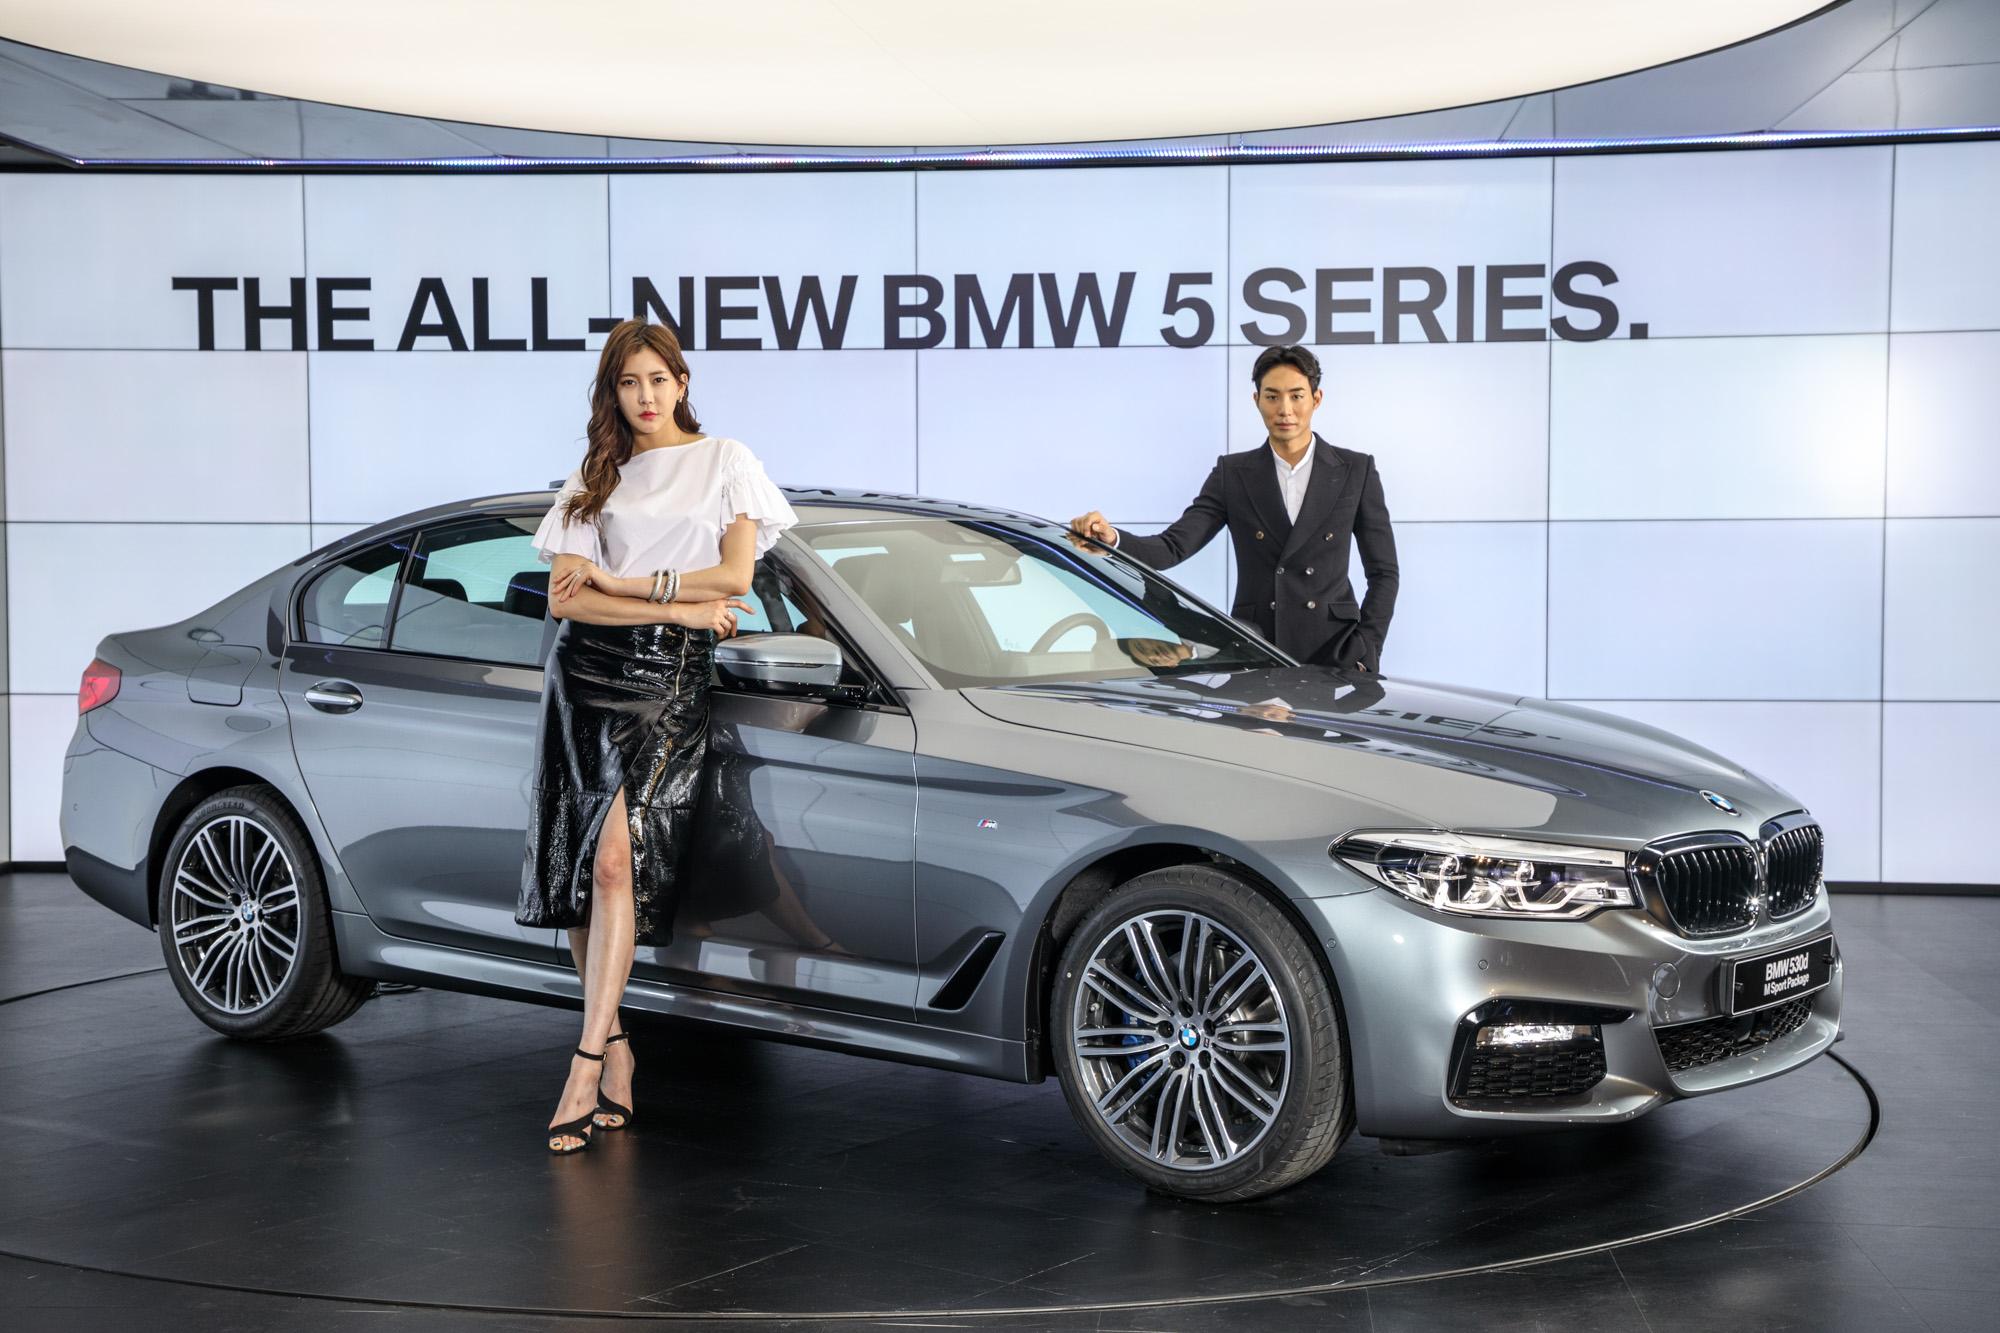 BMW 1등 탈환 야심작 '뉴 5시리즈' 출시..'E클래스' 넘는다